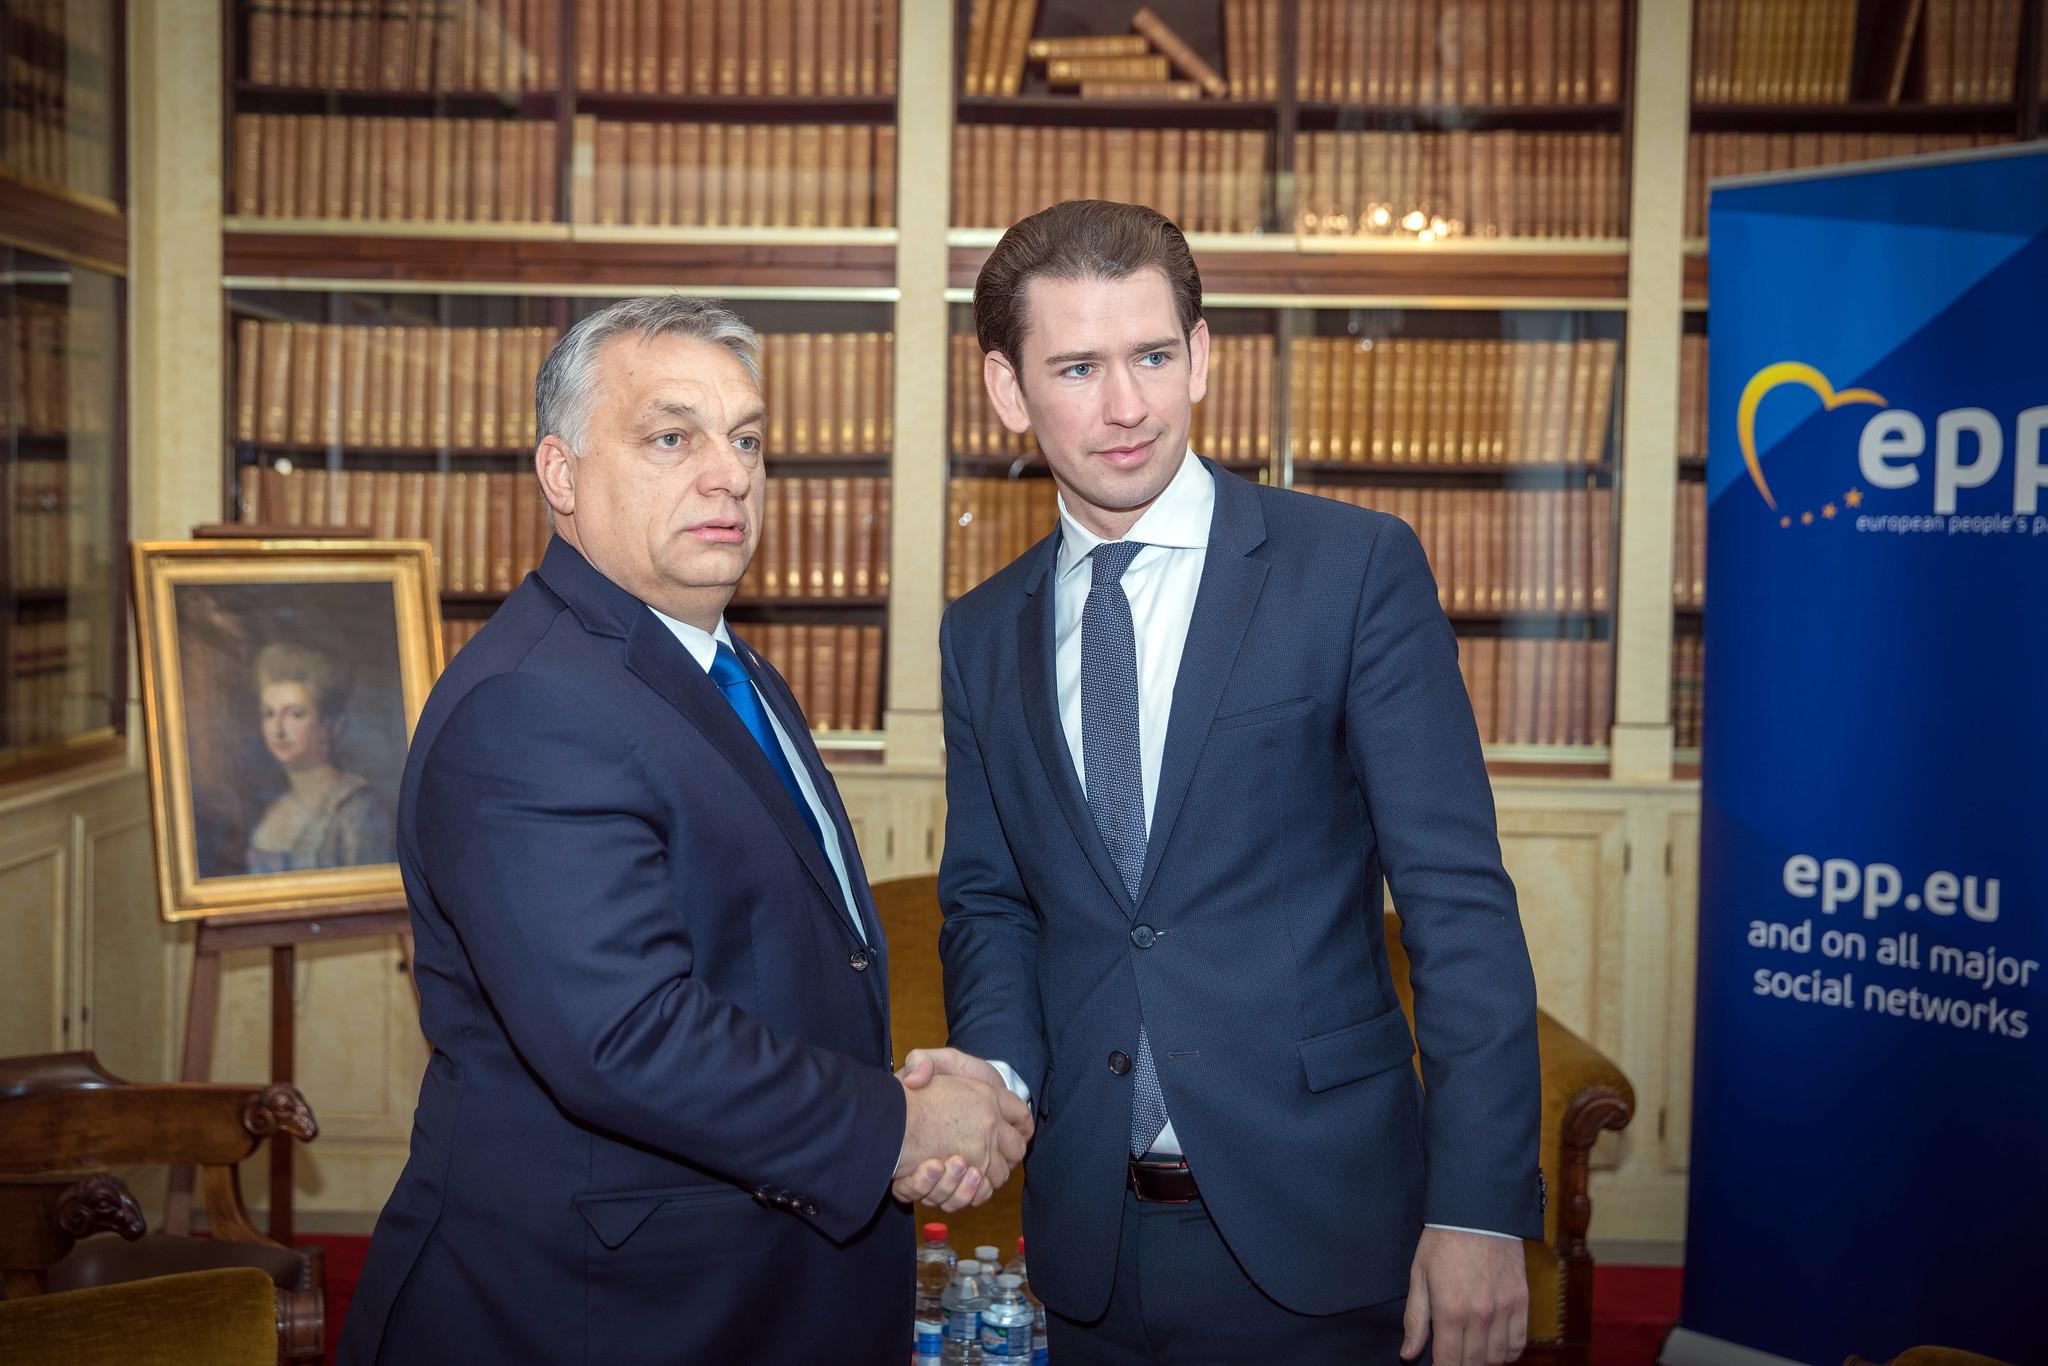 Sebastian Kurz and Viktor Orbán at the EPP summit in December 2018.